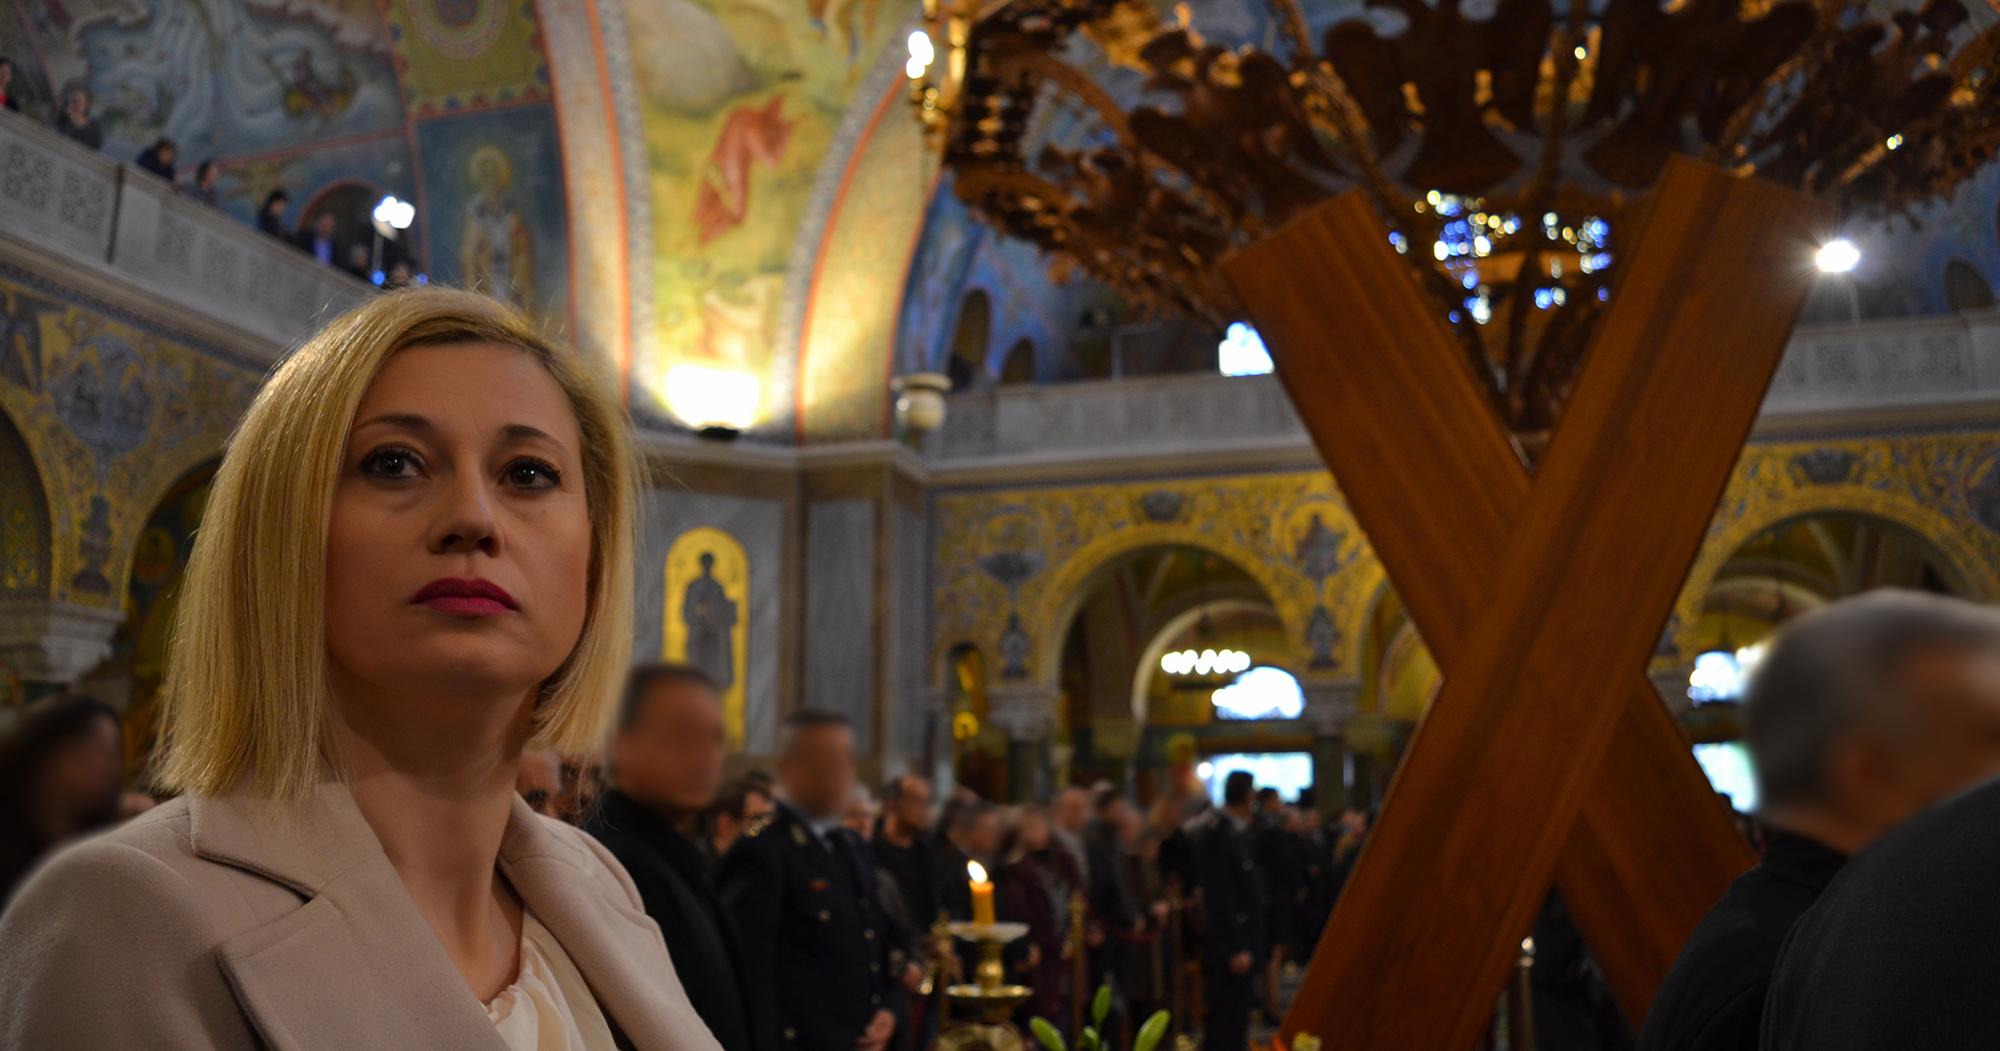 Ραχήλ Μακρή για Άγιο Ανδρέα σε Ιερώνυμο – Μητσοτάκη: Ο Θεός να σας λυπηθεί – Άγνοια Ιστορίας και Ορθοδοξίας